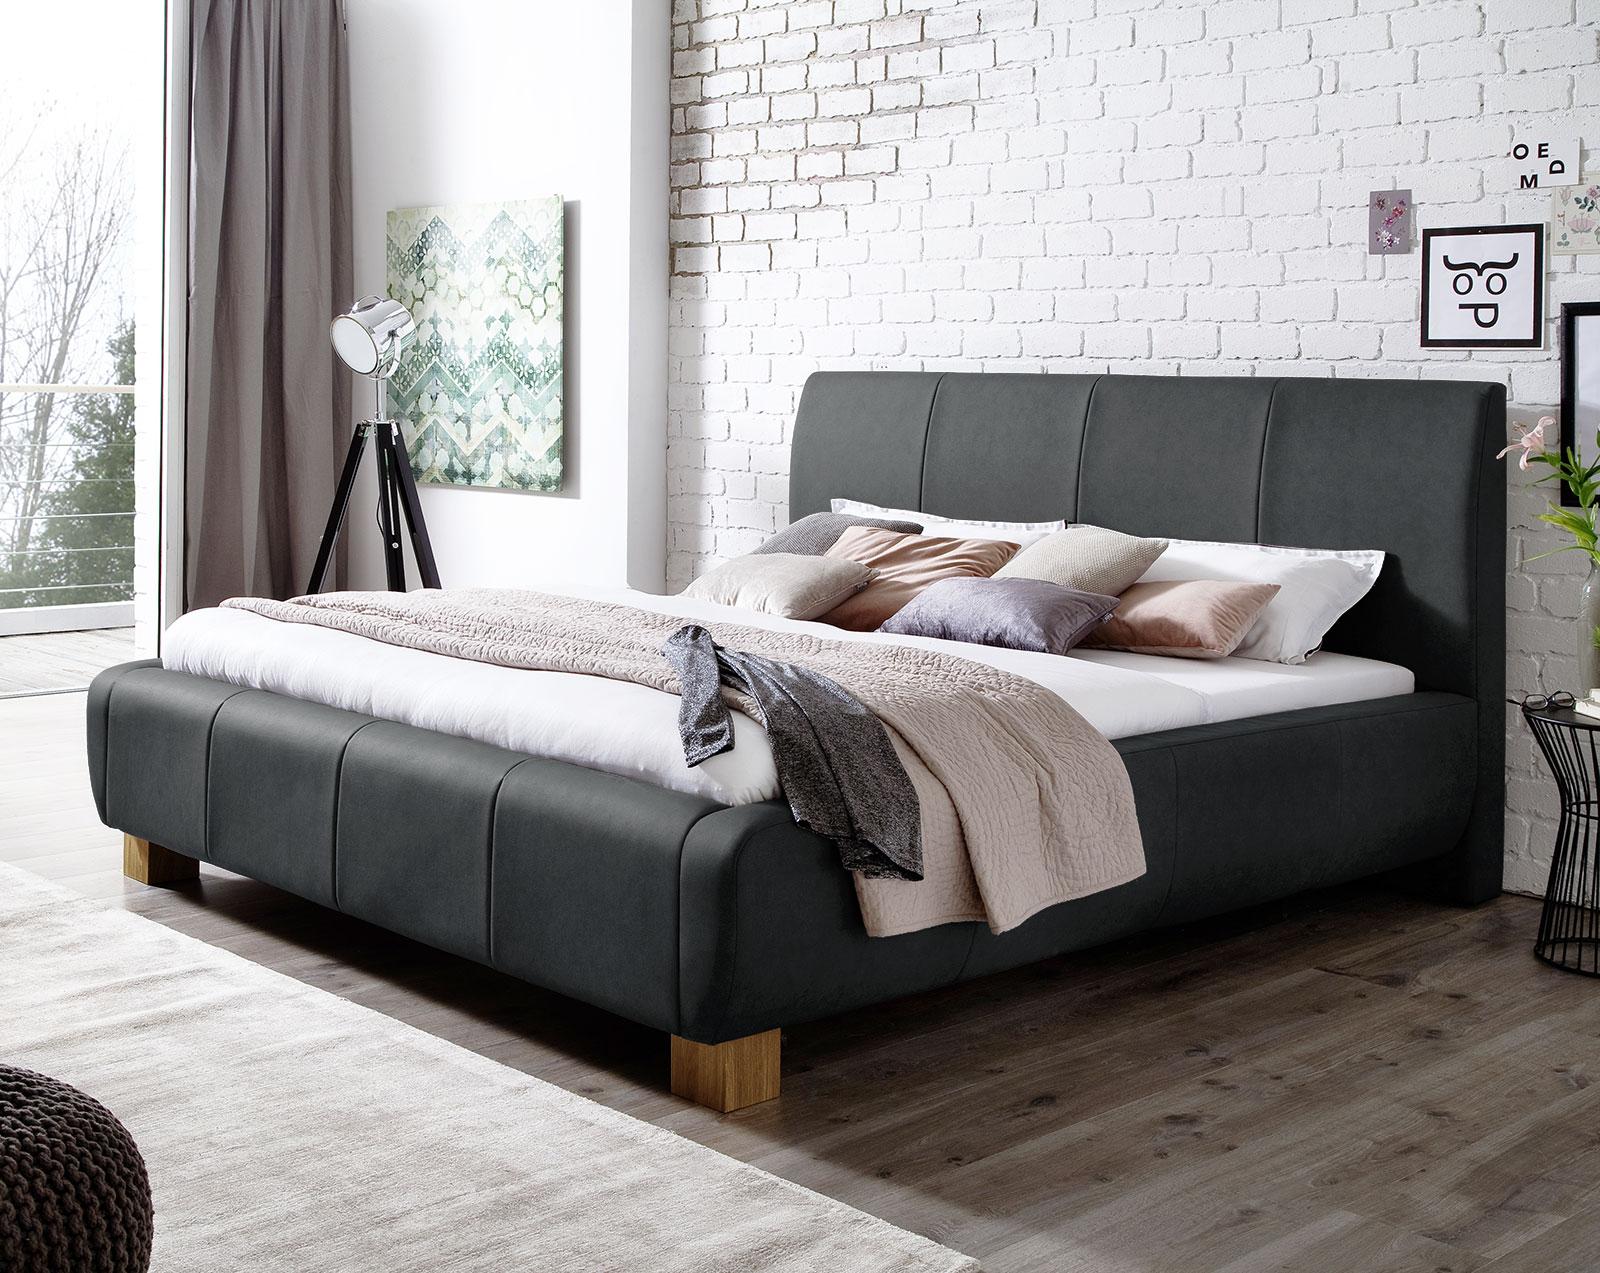 bett kopfteil polster bett kopfteil polster bett kopfteil aus recycliertem holz selber bauen. Black Bedroom Furniture Sets. Home Design Ideas